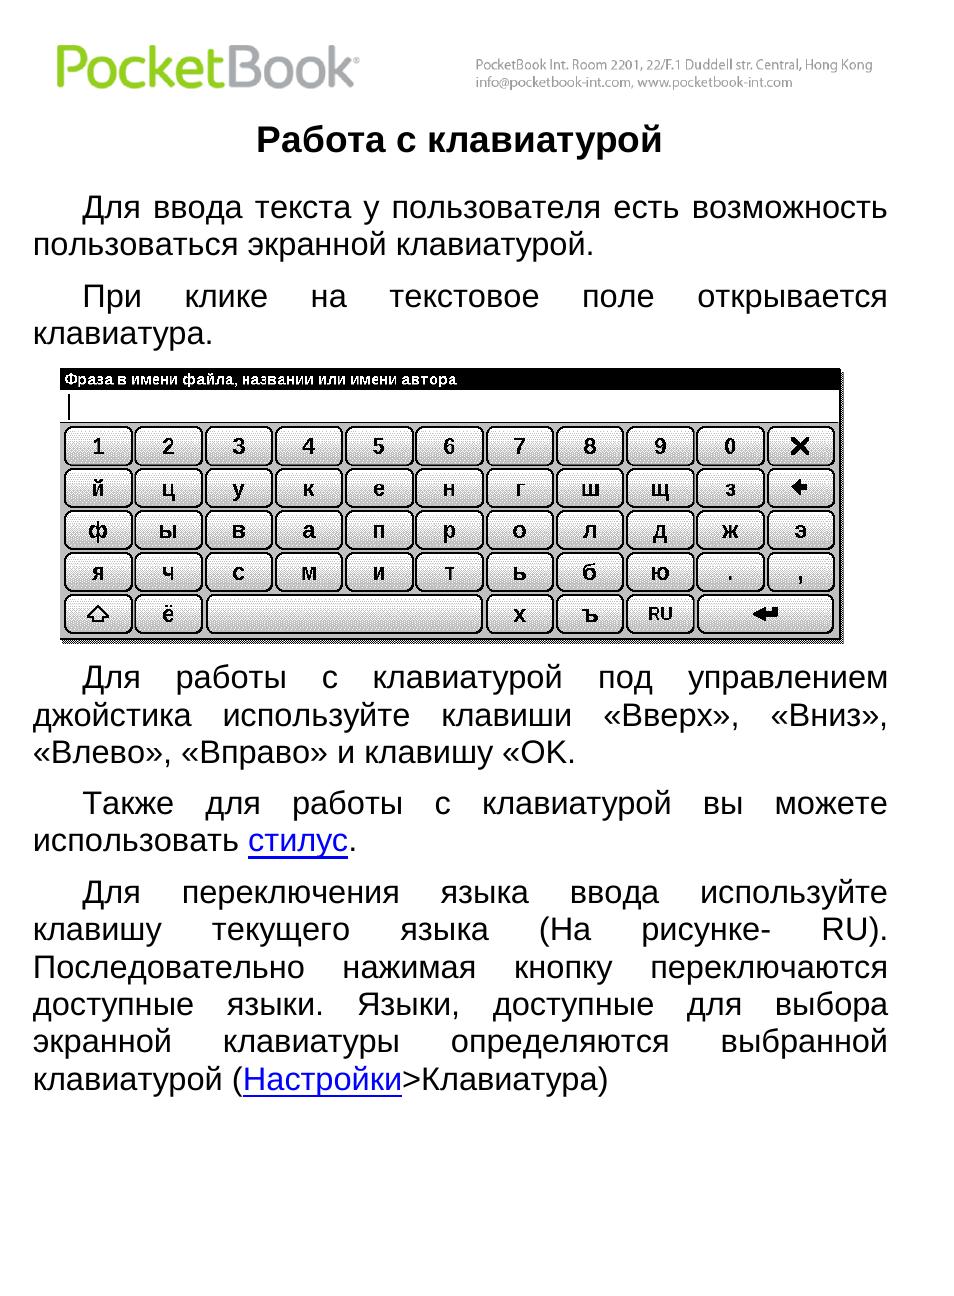 работа клавиатуры с интернетом